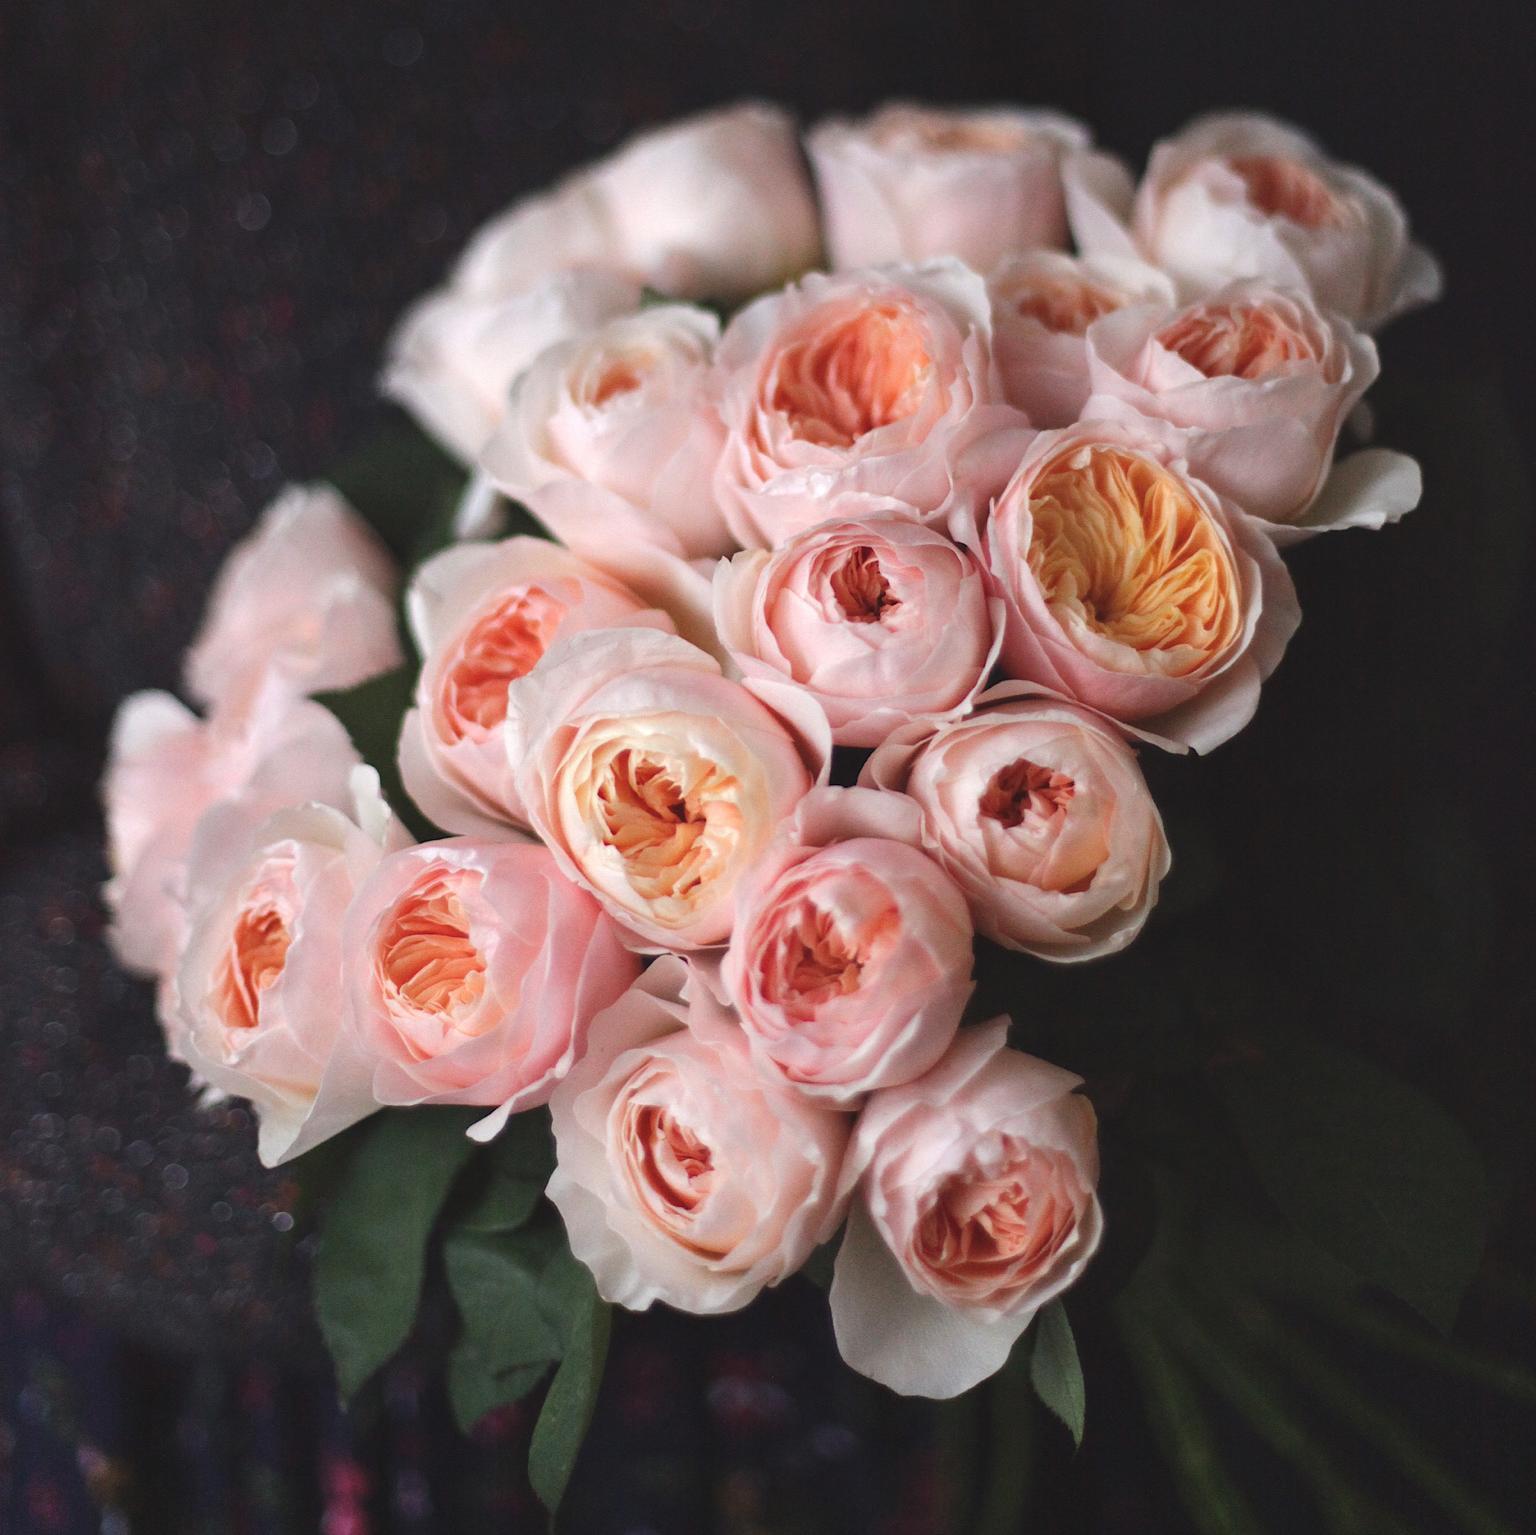 Розы: Значения и символи цвета.